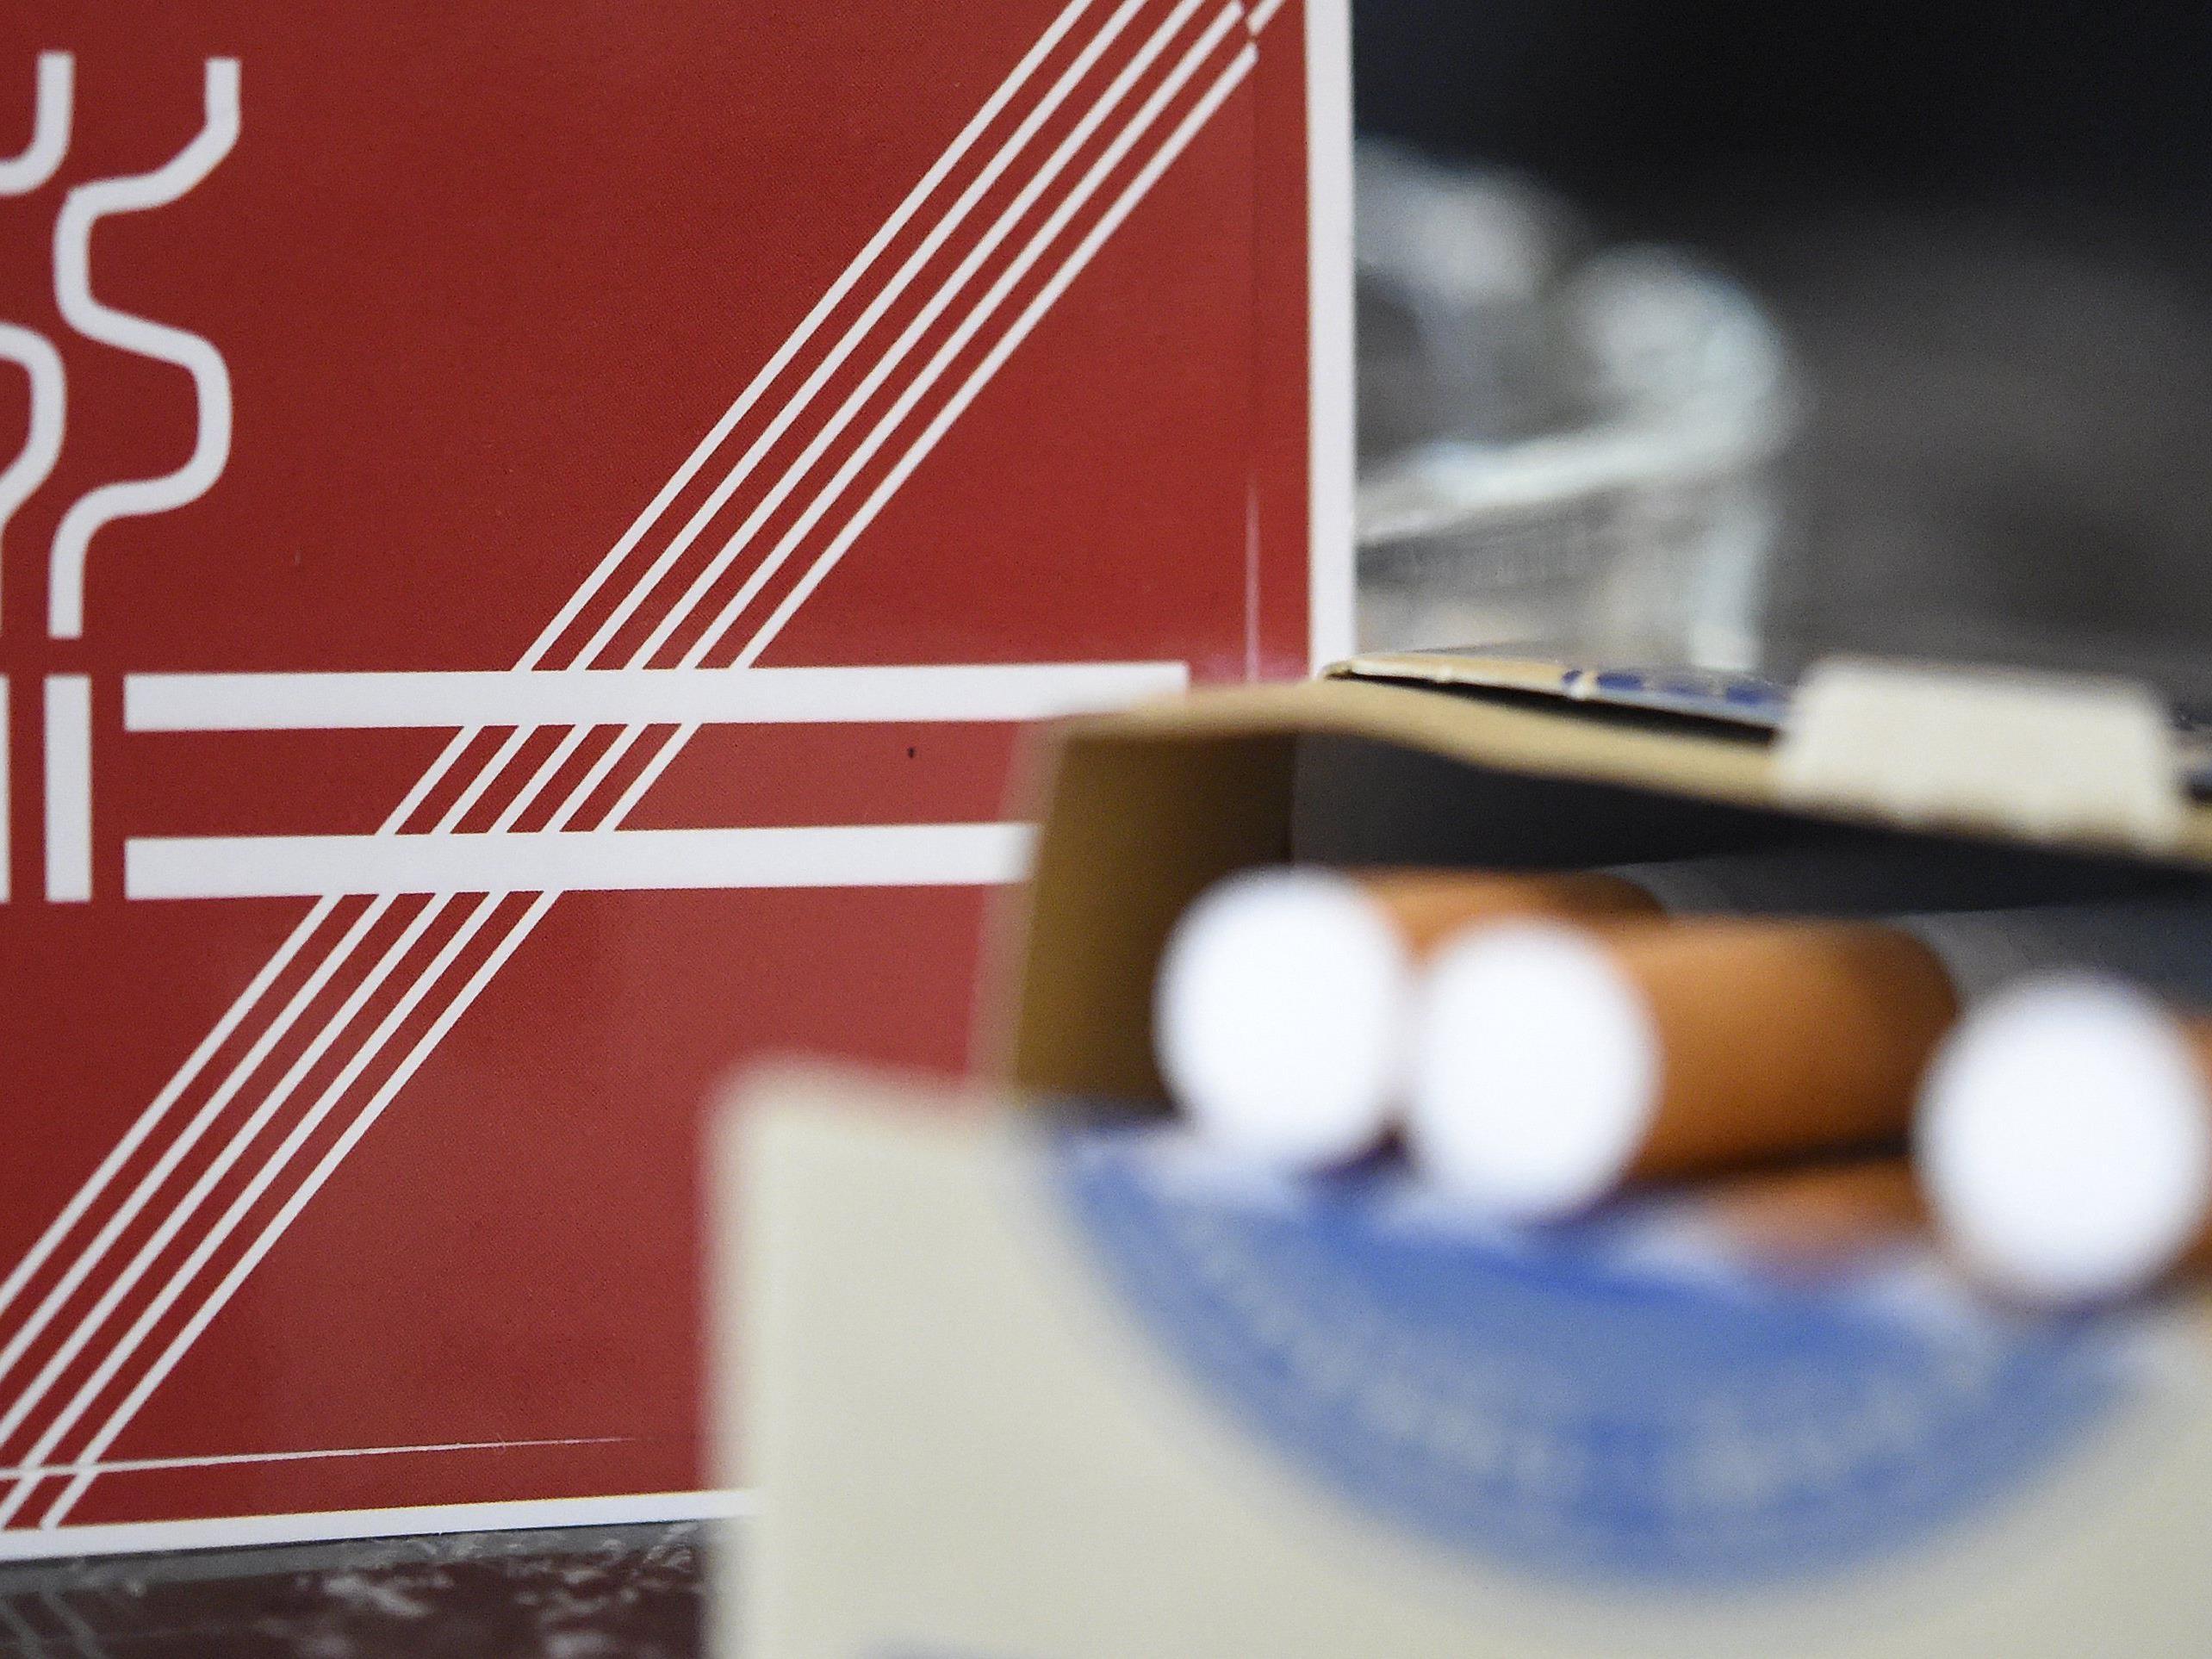 Generelles Rauchverbot ab Mai 2018 in der Gastronomie